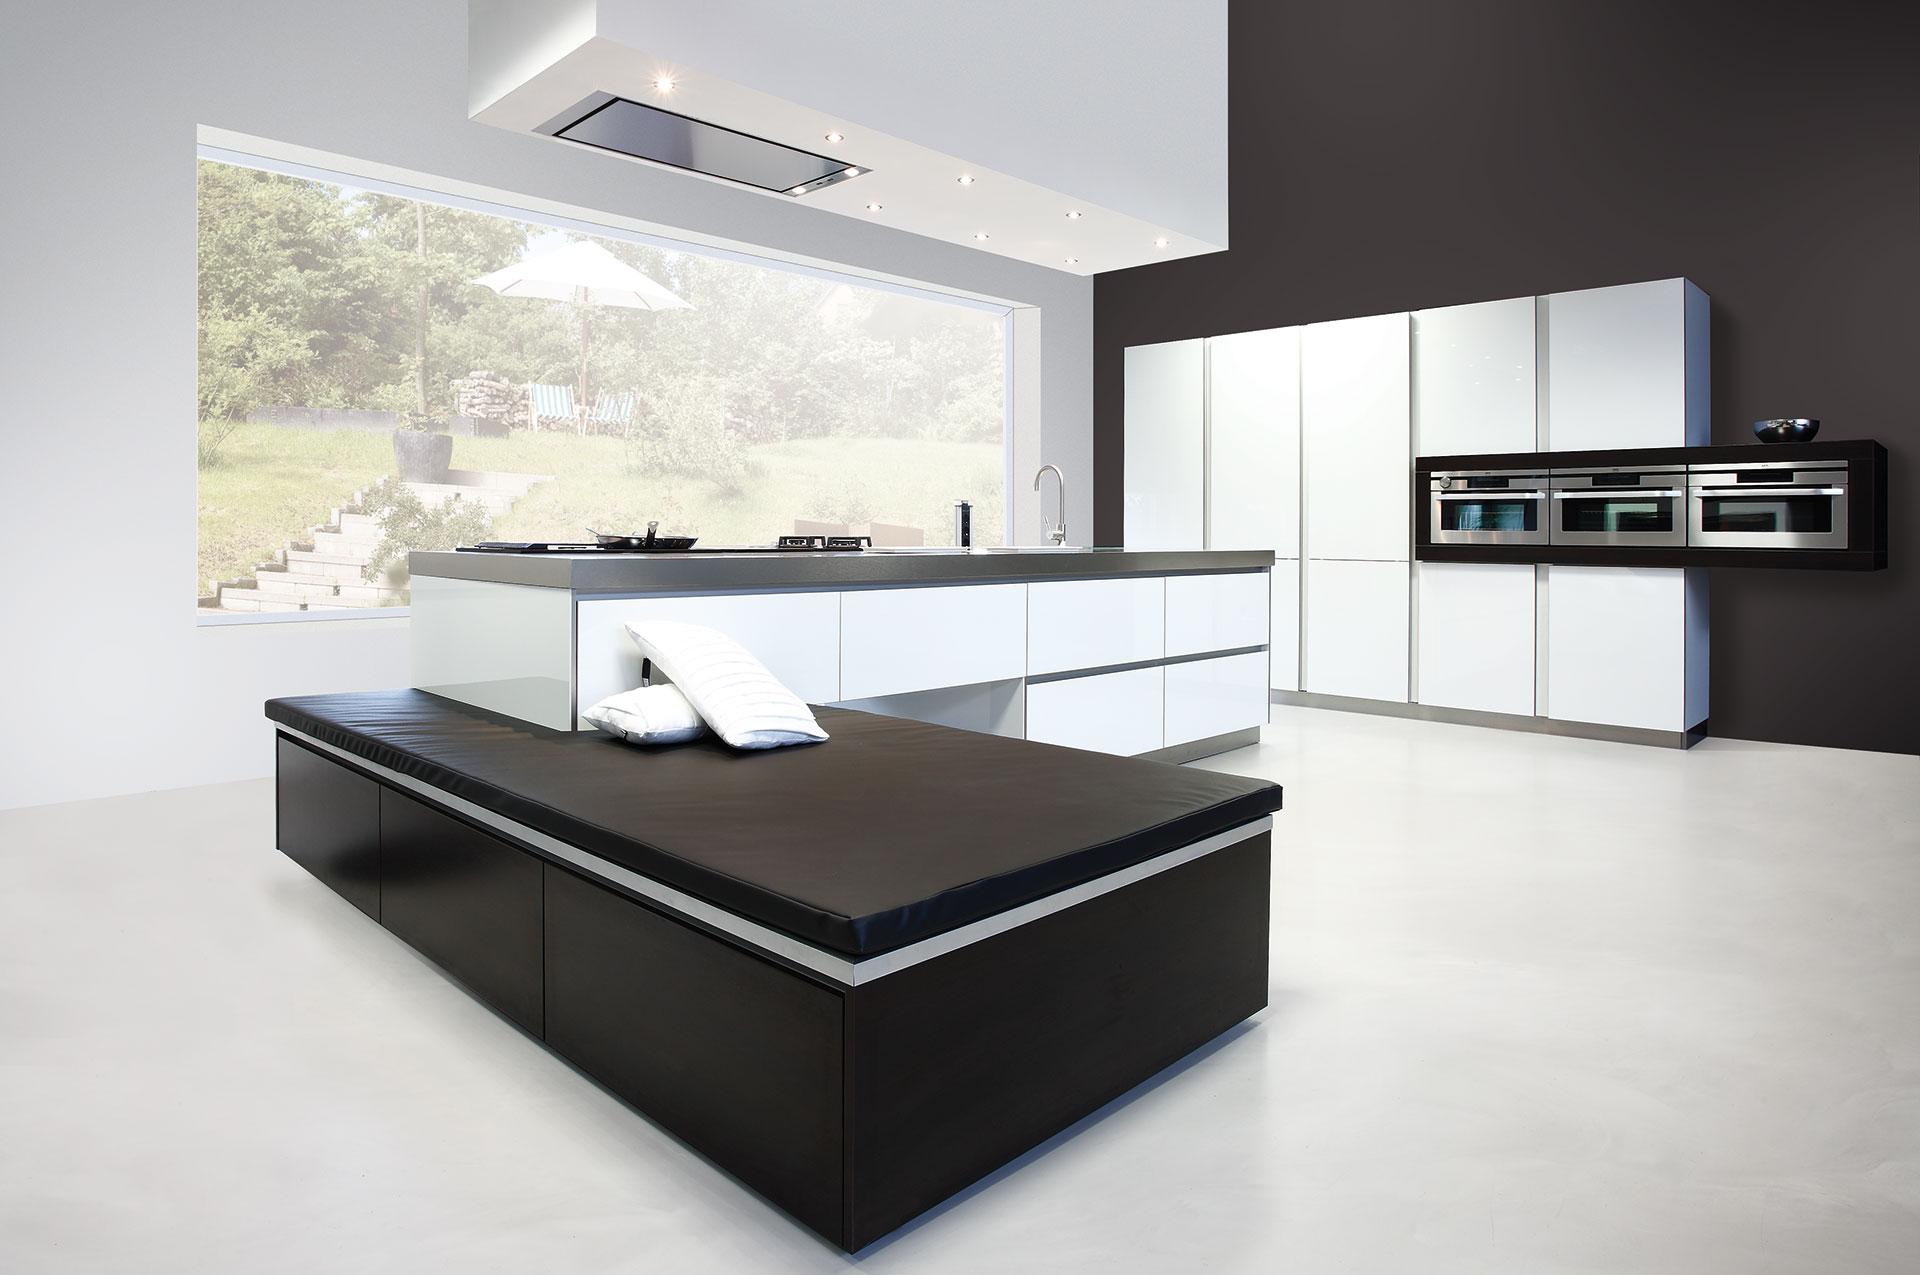 k chen werksverkauf hessen reihenhaus k che ideen. Black Bedroom Furniture Sets. Home Design Ideas